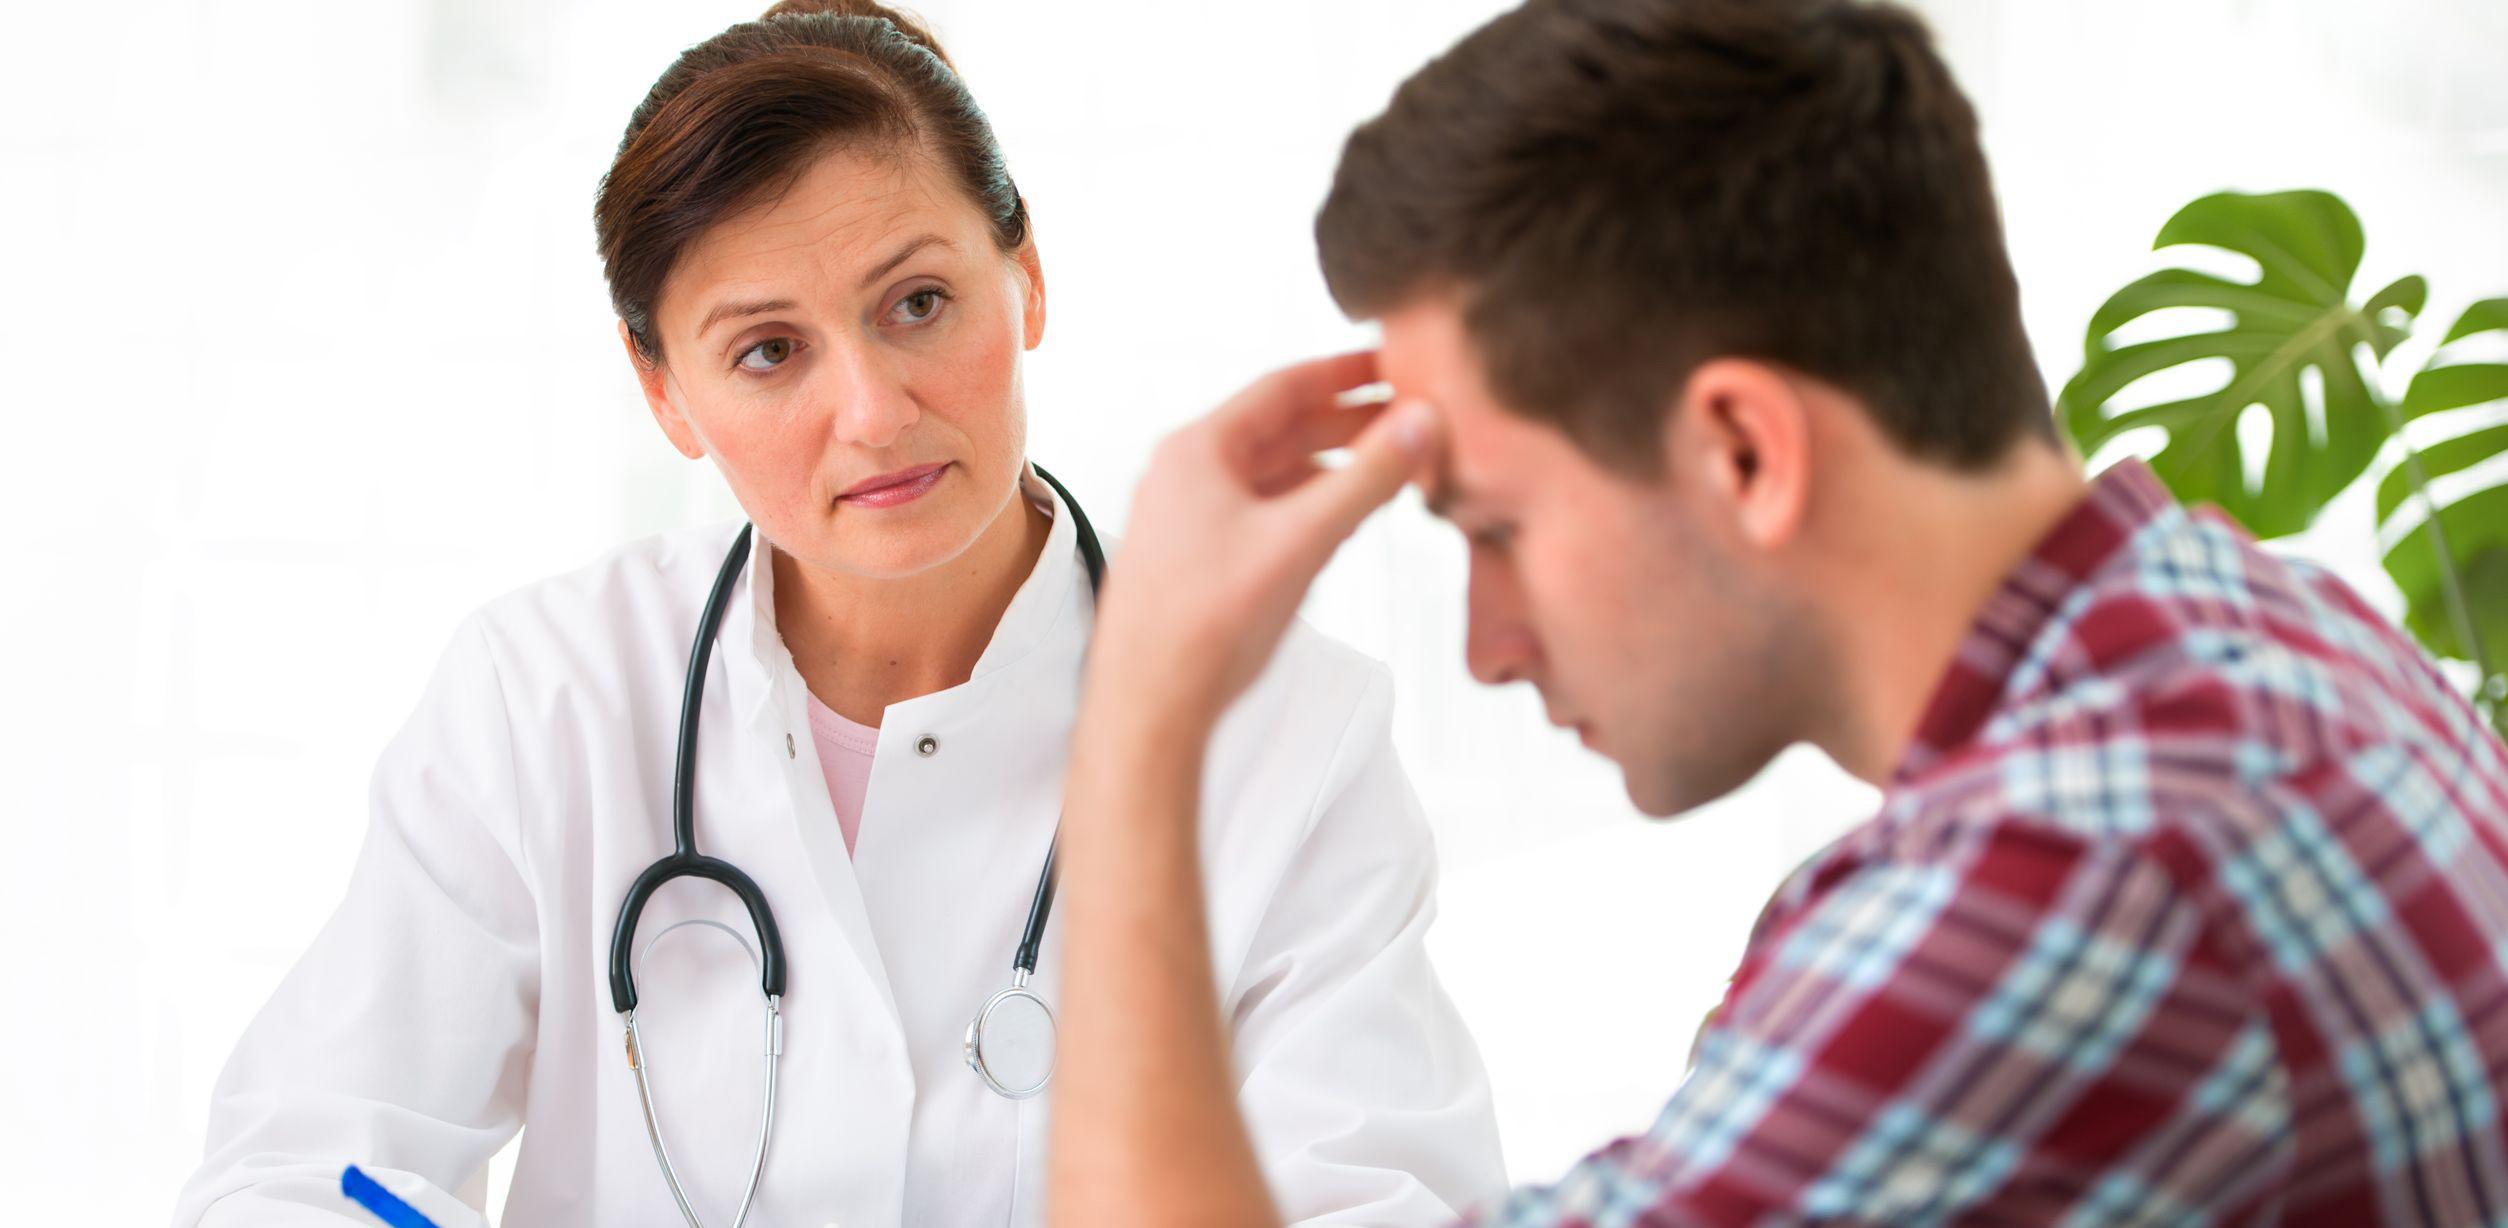 chăm sóc da tư vấn từ bác sĩ